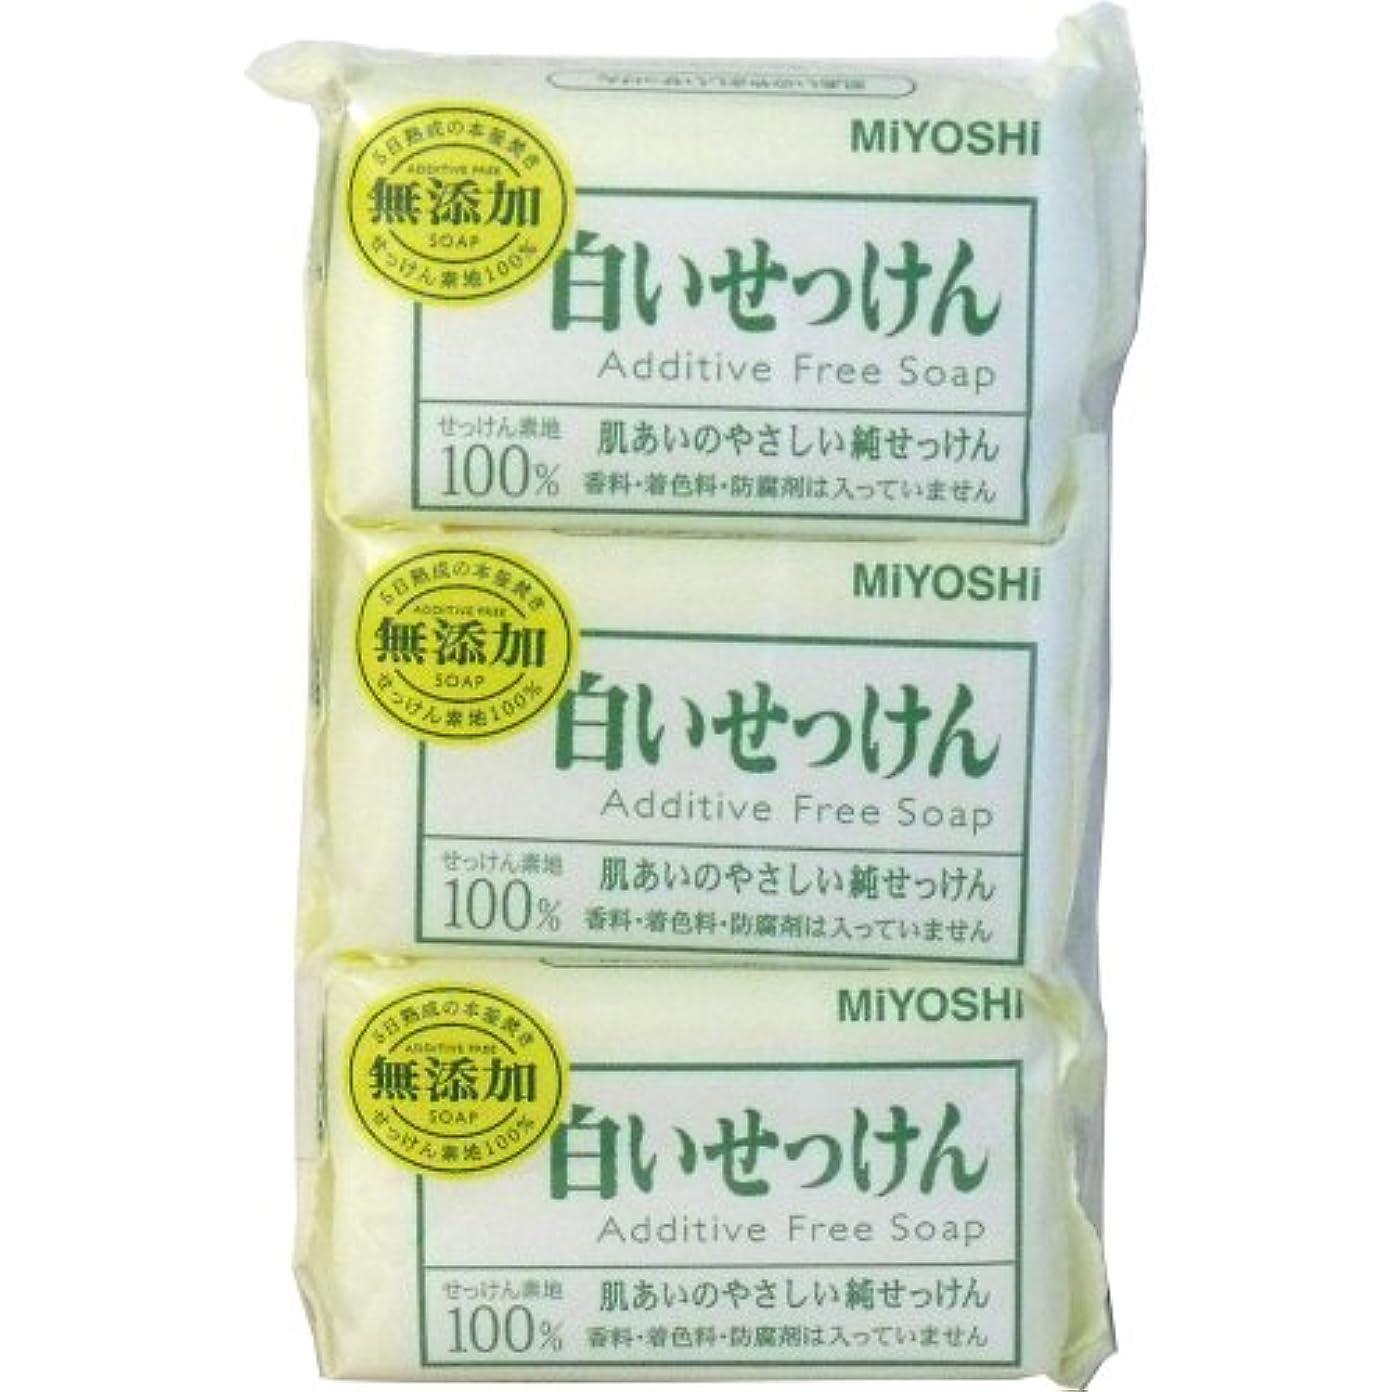 中央値パン屋従順【ミヨシ】ミヨシ 無添加 白いせっけん 108g×3個入 ×10個セット